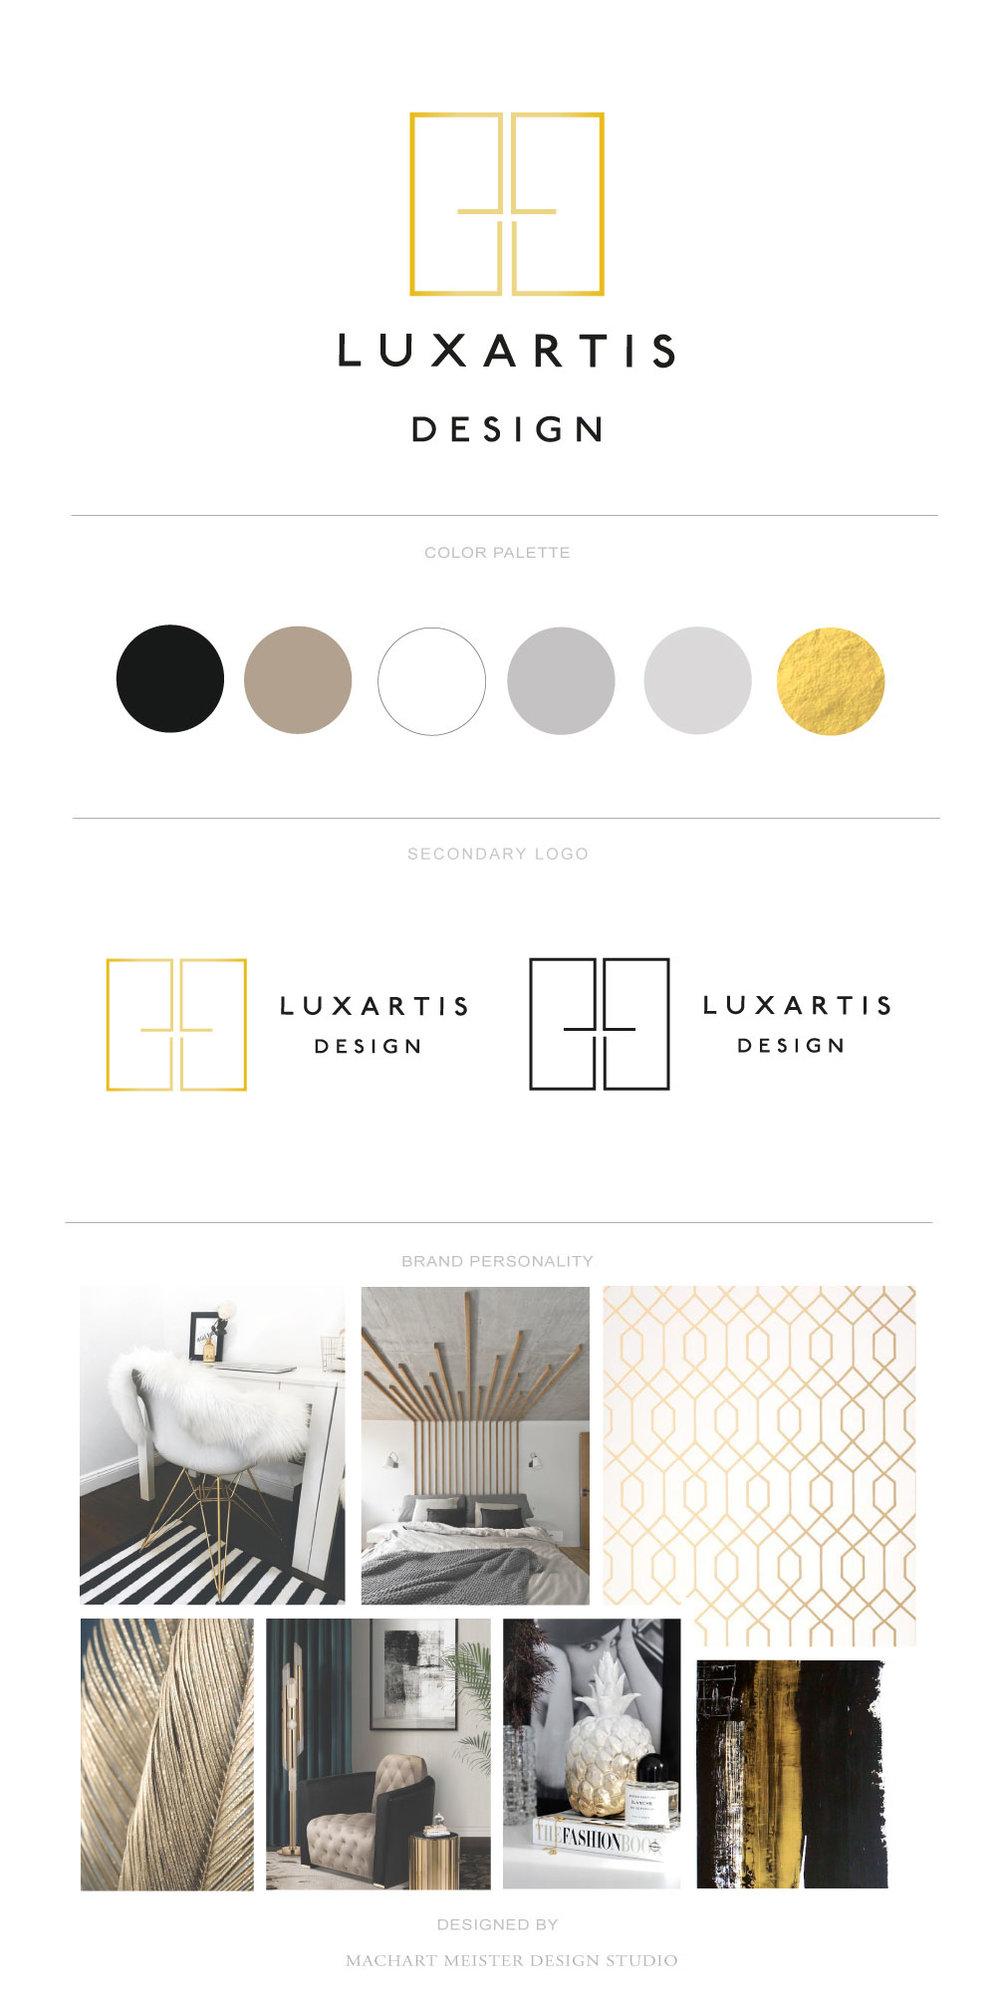 Luxartis-board.jpg